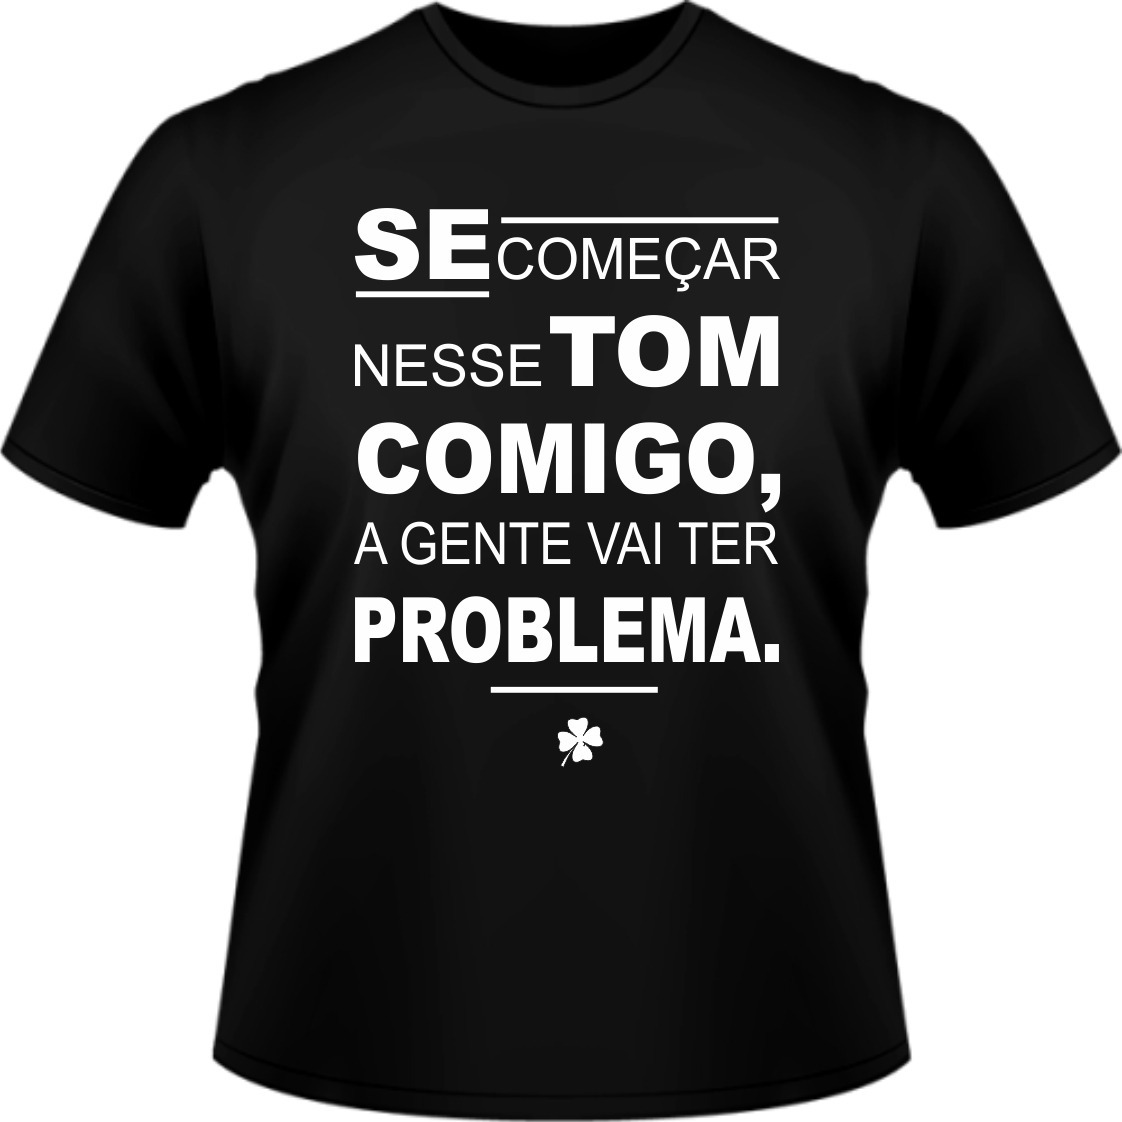 27579e8a418a0 Camisa Se Começar Nesse Tom Comigo A Gente Vai Ter Problema - R  35 ...